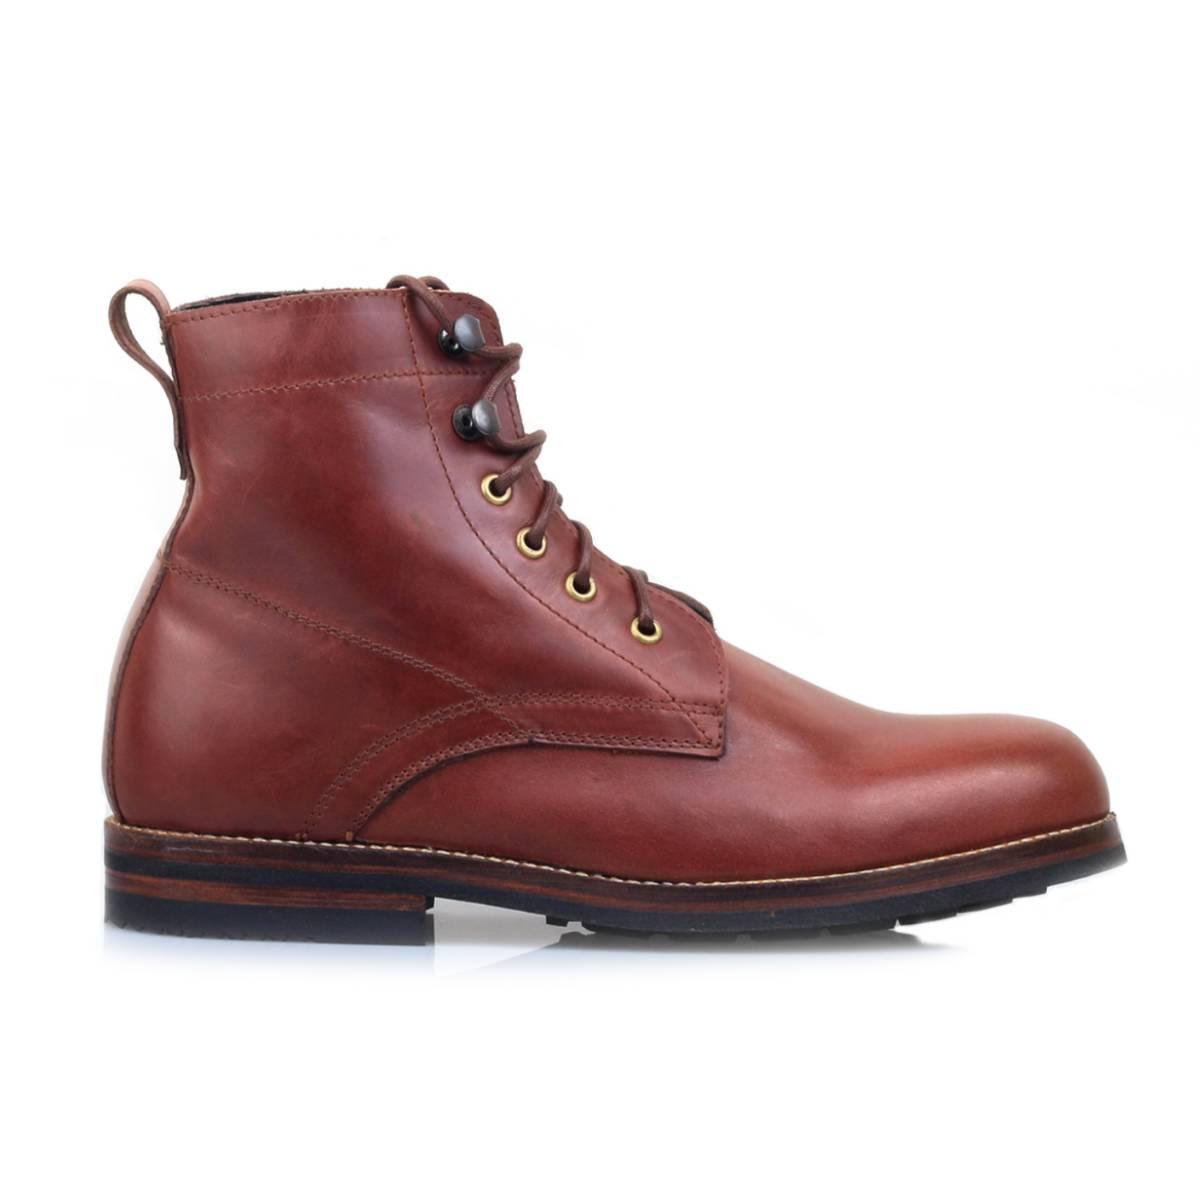 Sepatu Logan Wooded Mahogany Sentral Online Terpercaya Outletz Salt N Pepper Kemeja Pria Lengan Pendek 042 Red Mahogany1